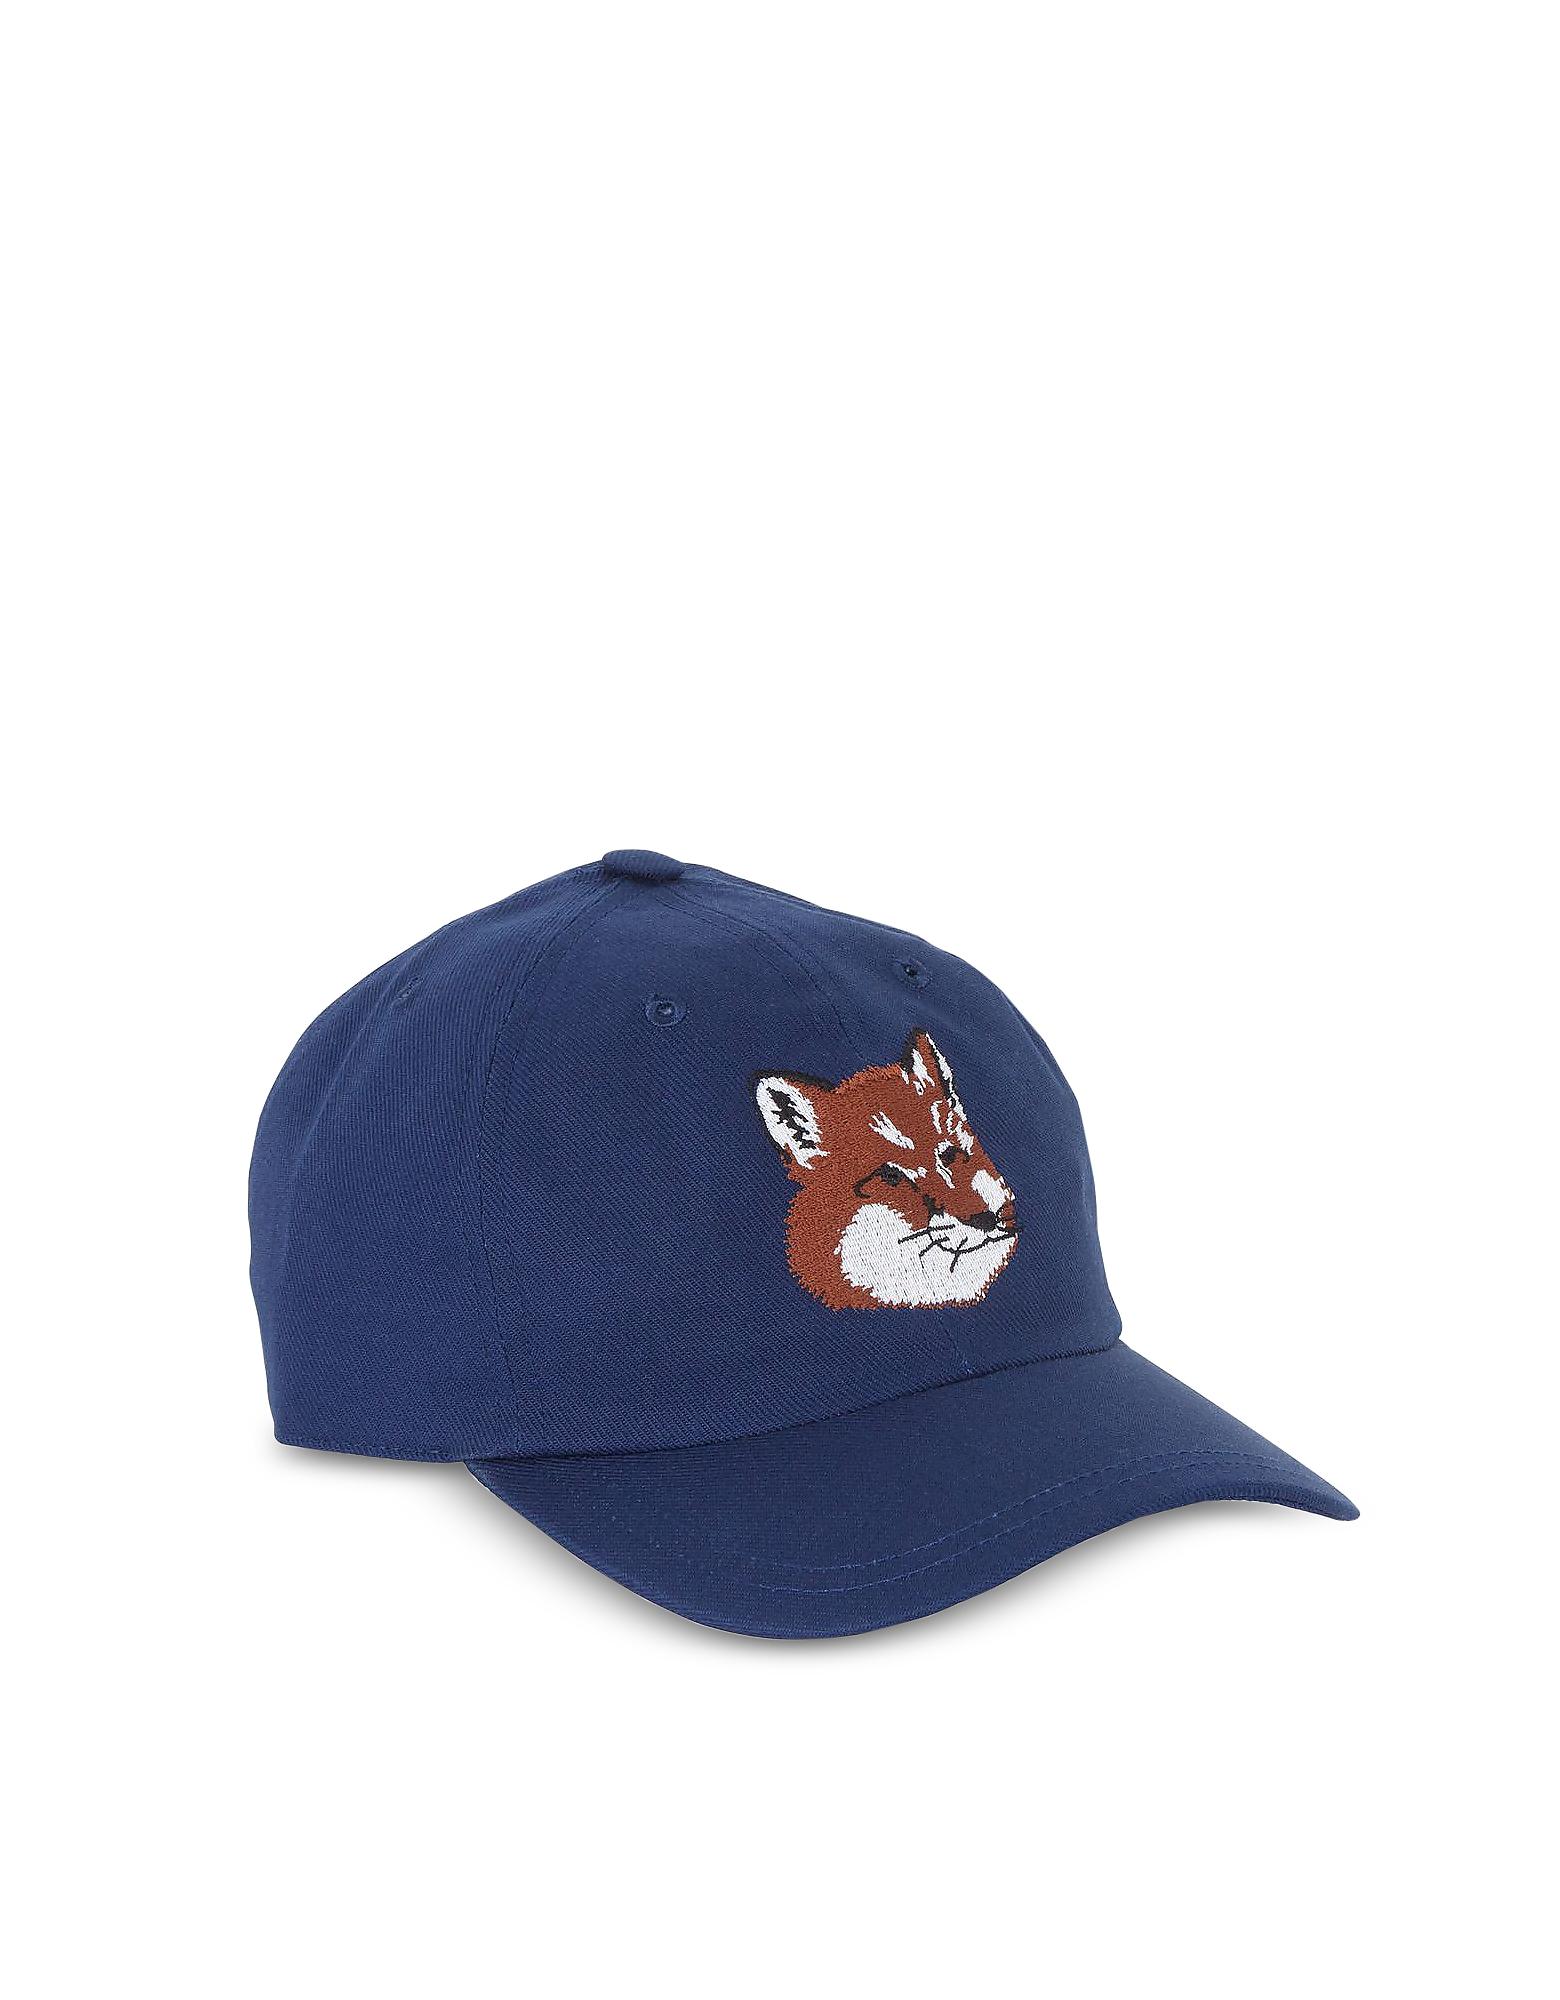 Maison Kitsuné Men's Hats, Large Fox Head 6P Navy Blue Cotton Blend Baseball Cap